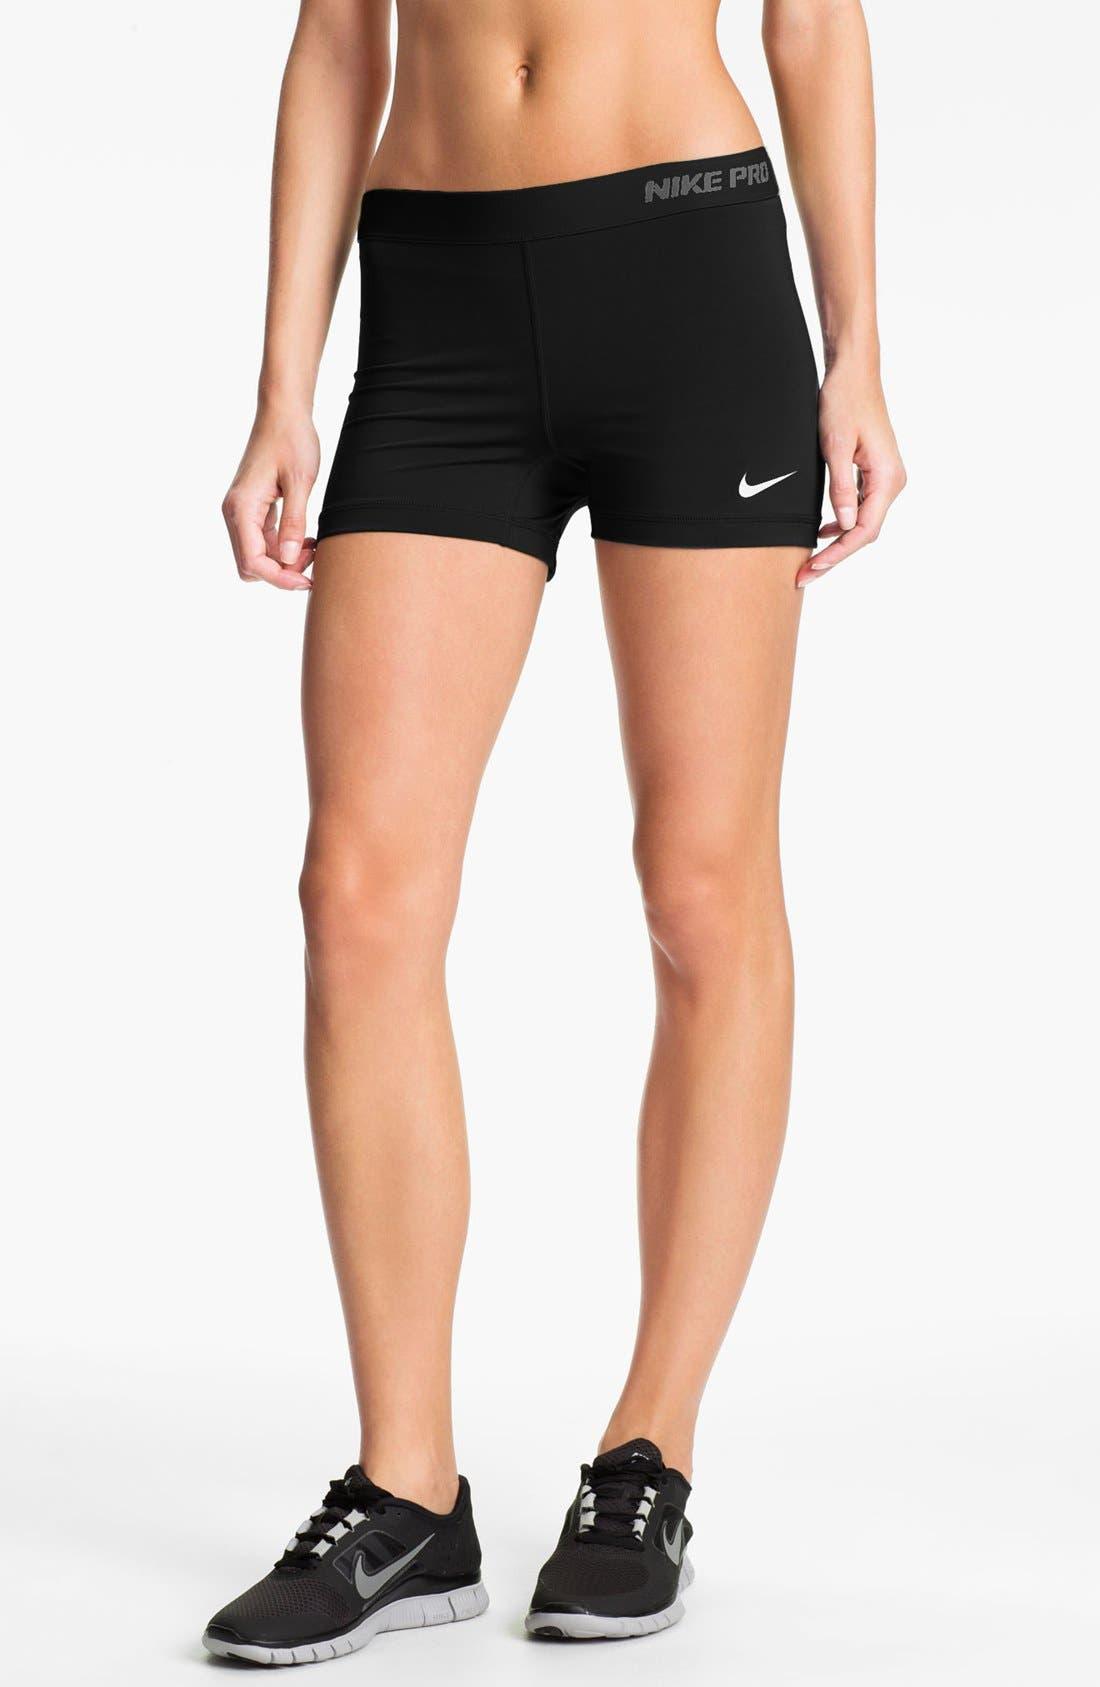 Alternate Image 1 Selected - Nike 'Pro II' Shorts